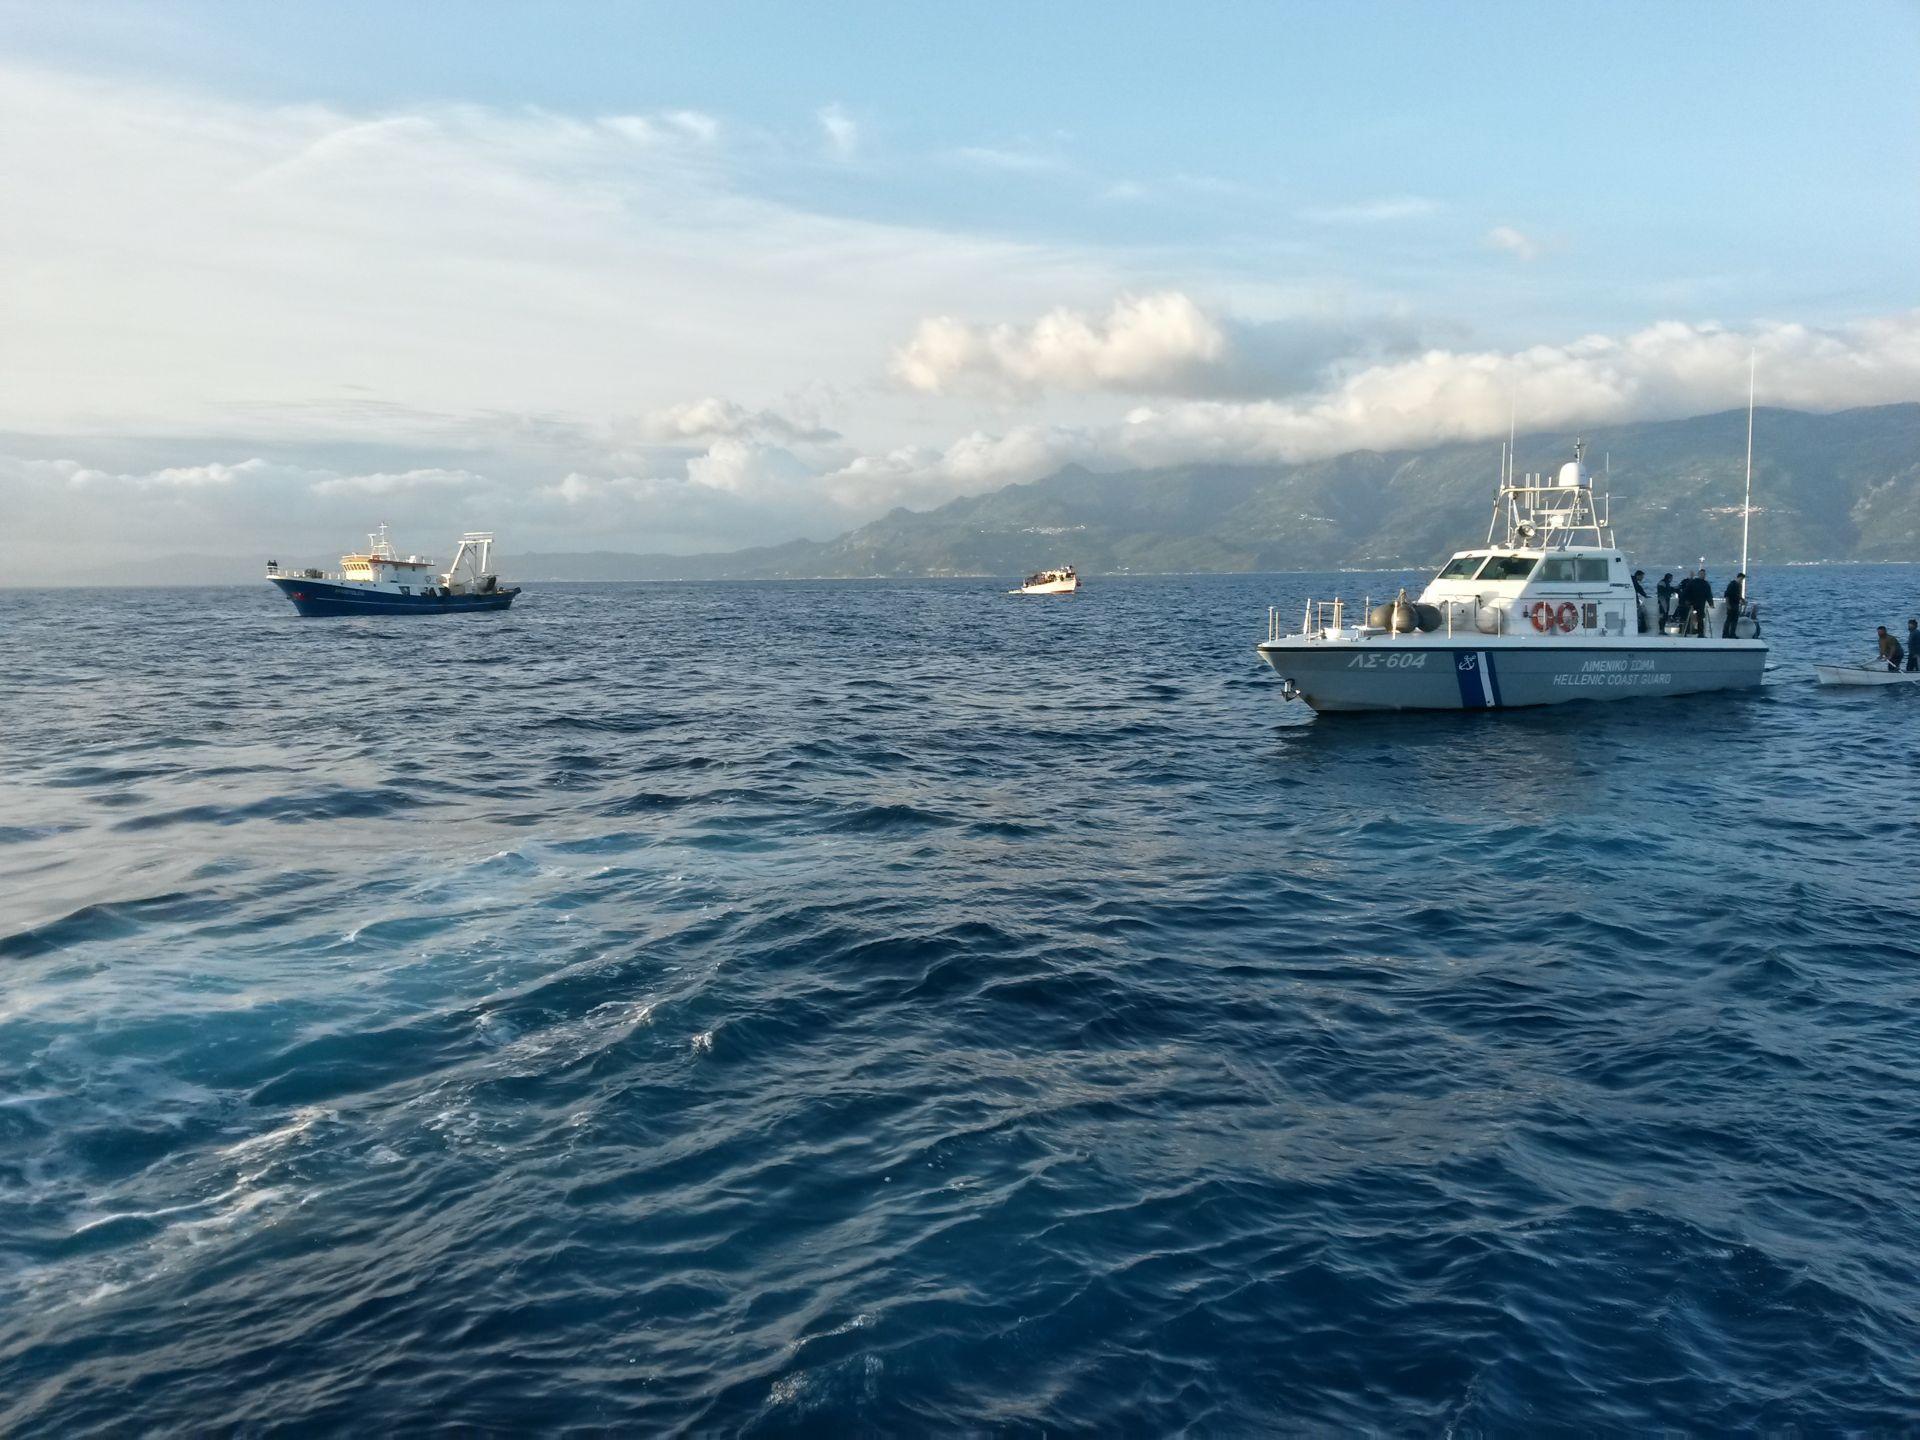 Ακυβέρνητo φορτηγό πλοίο στην Άνδρο